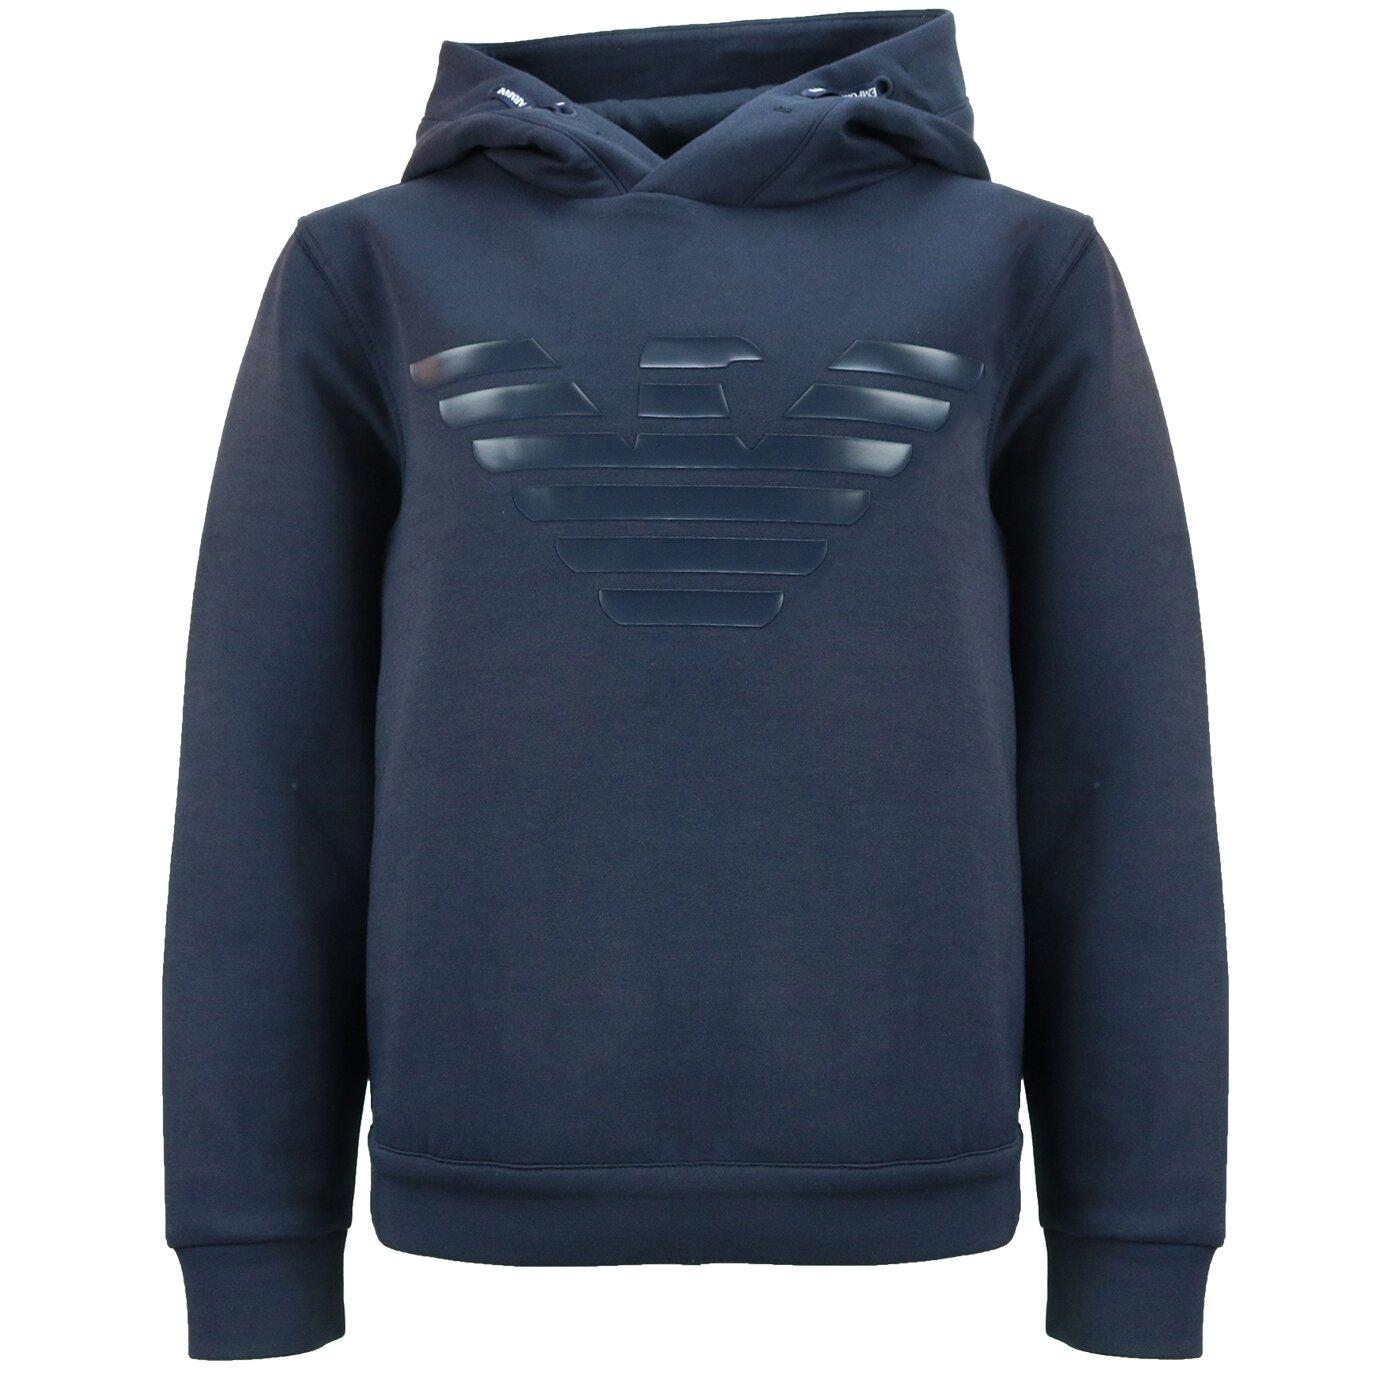 Emporio Armani Sweater Dark Blue